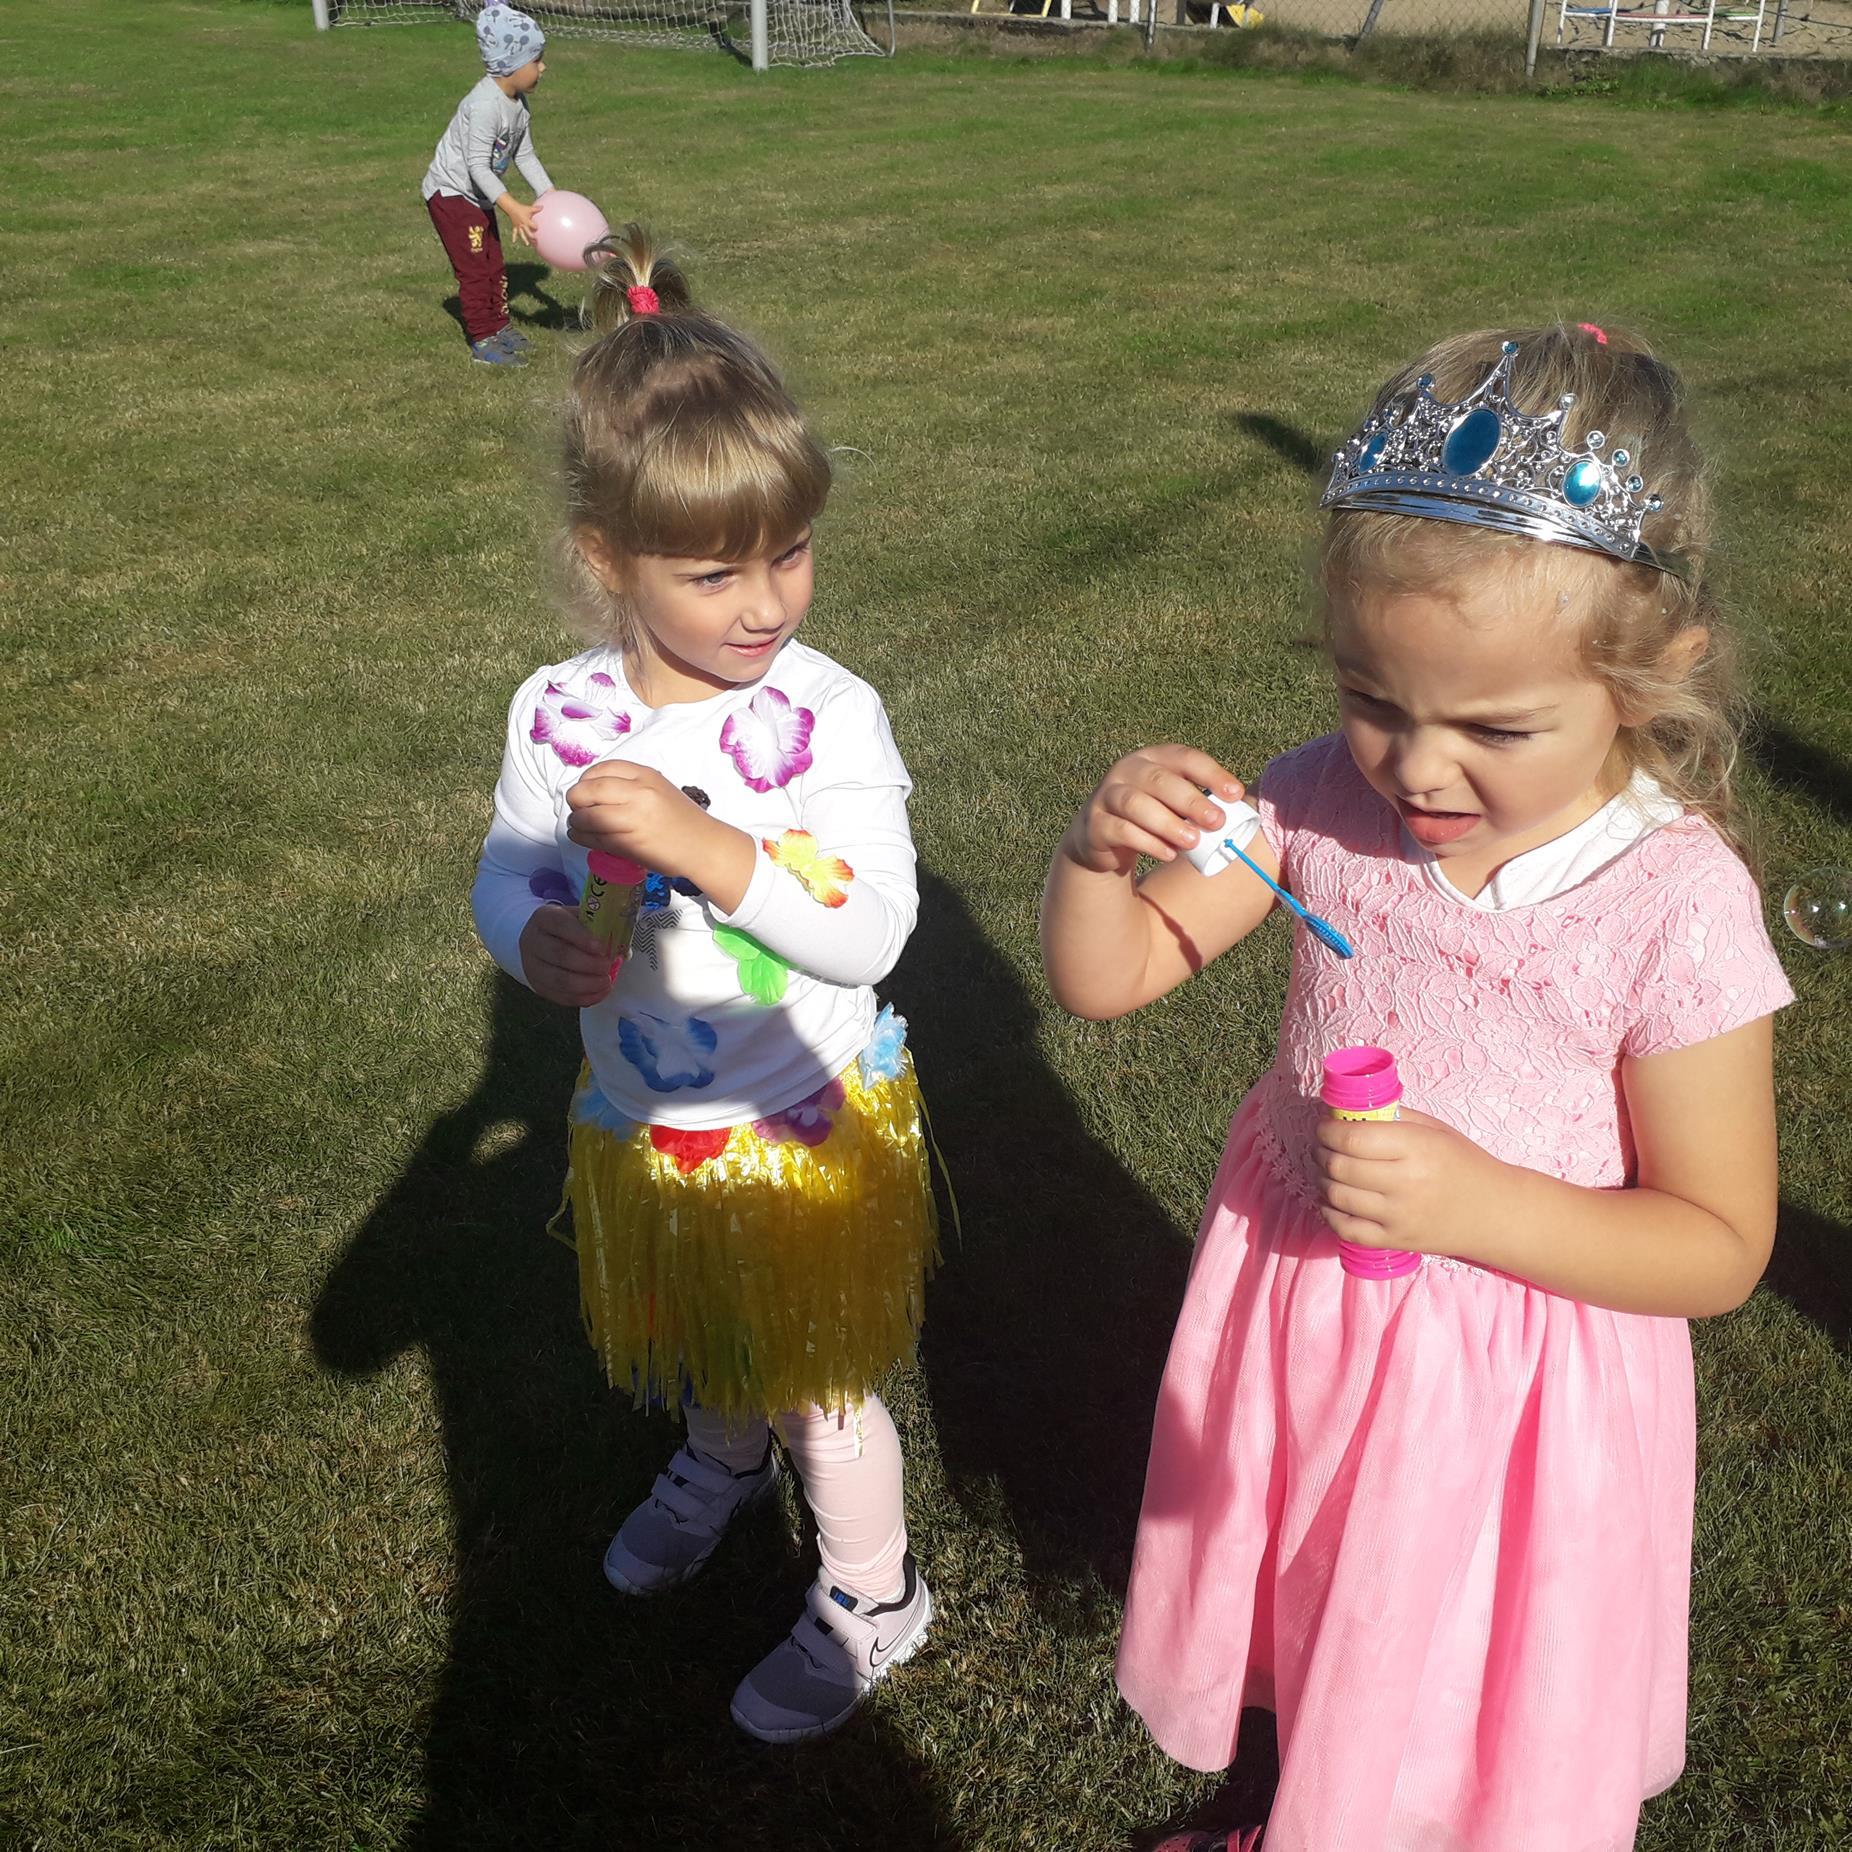 Przedszkolaki w czasie zabaw na boisku przyszkolnym